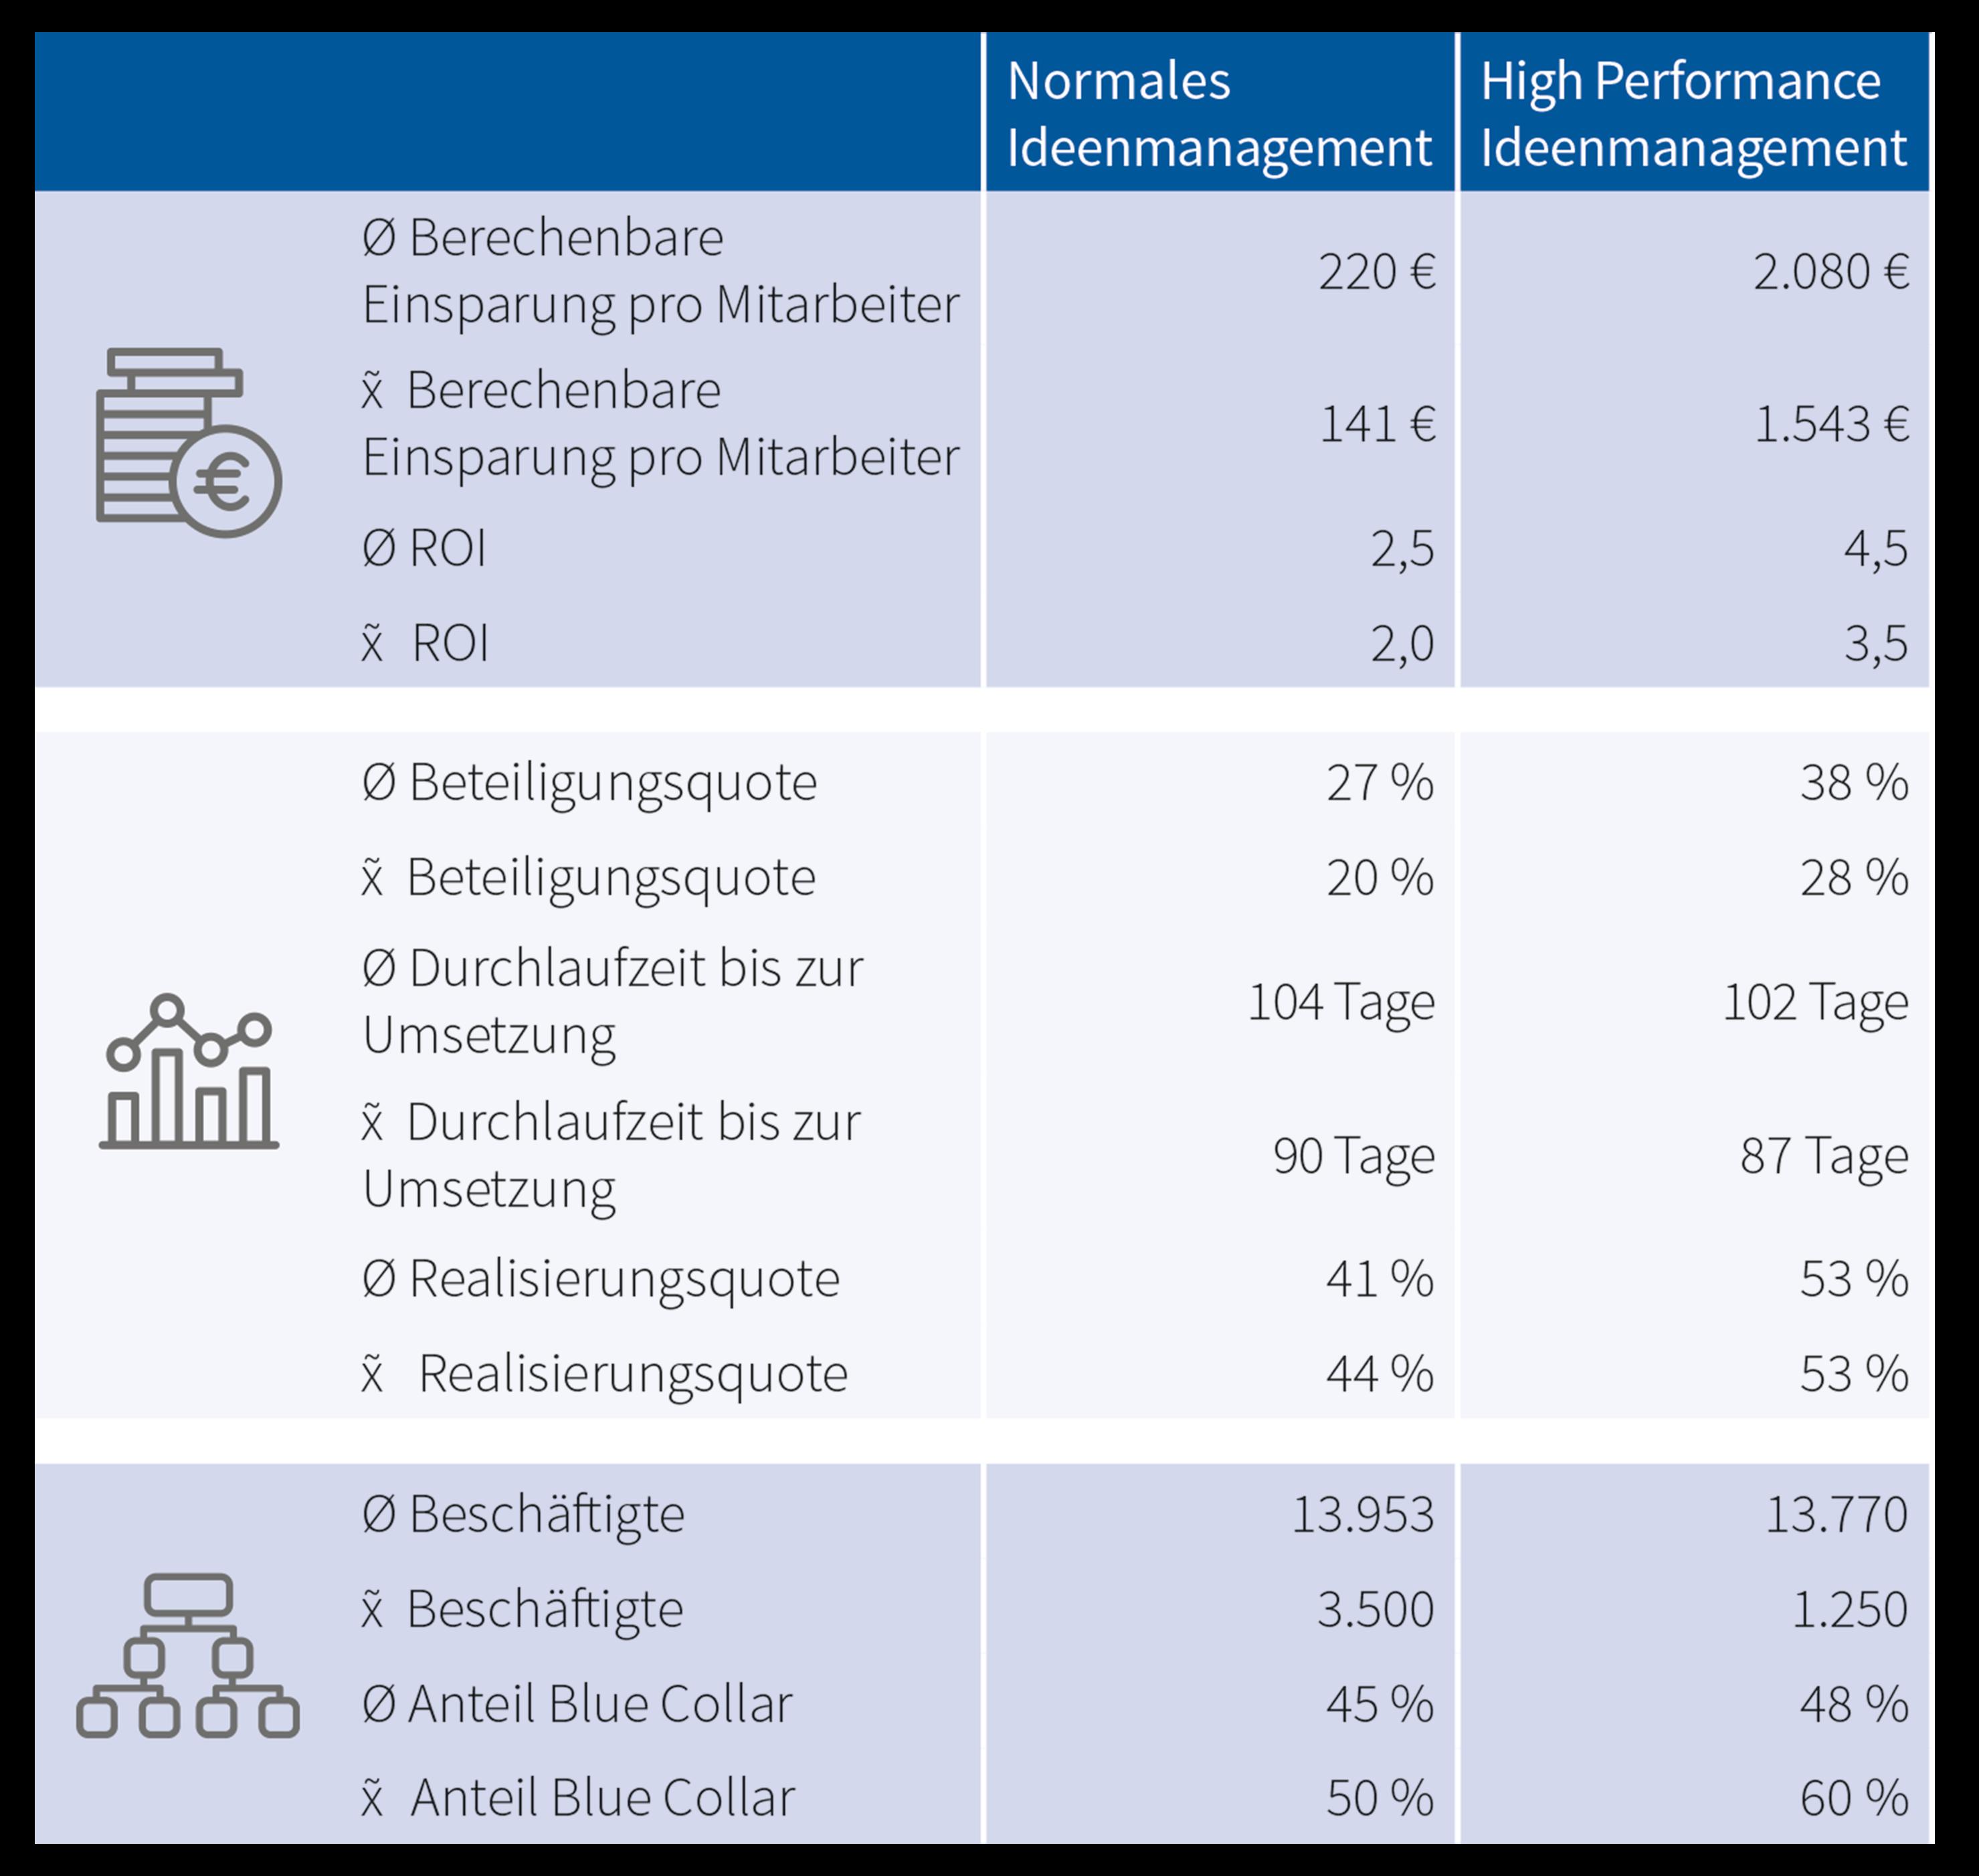 Tabelle 32_Statistische Auswertung von High Performance Ideenmanagement Systemen 1